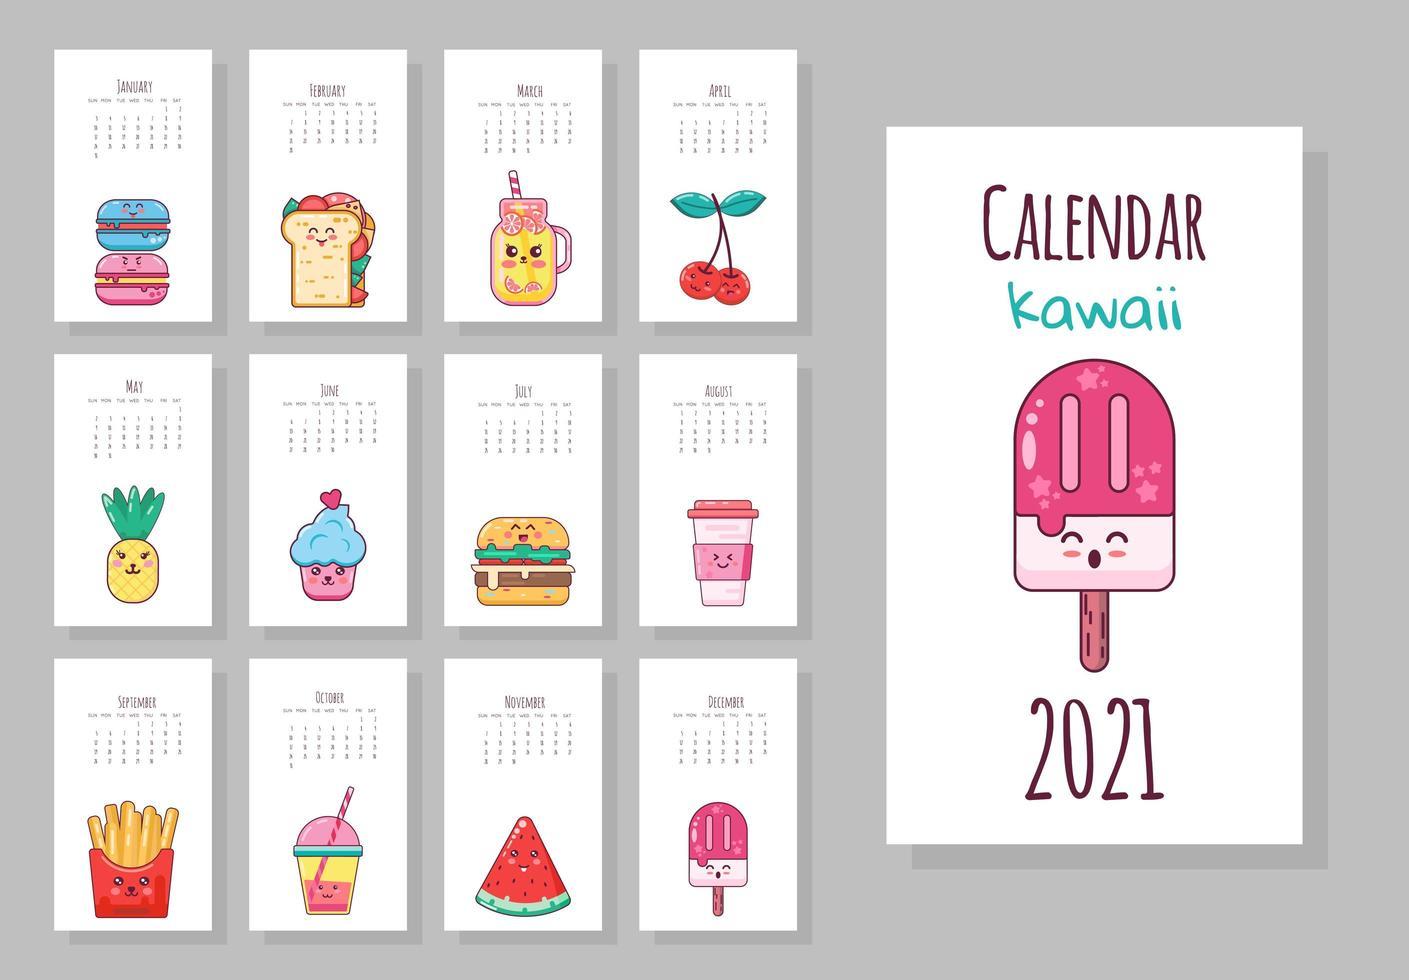 simpatico calendario mensile con oggetti alimentari kawaii